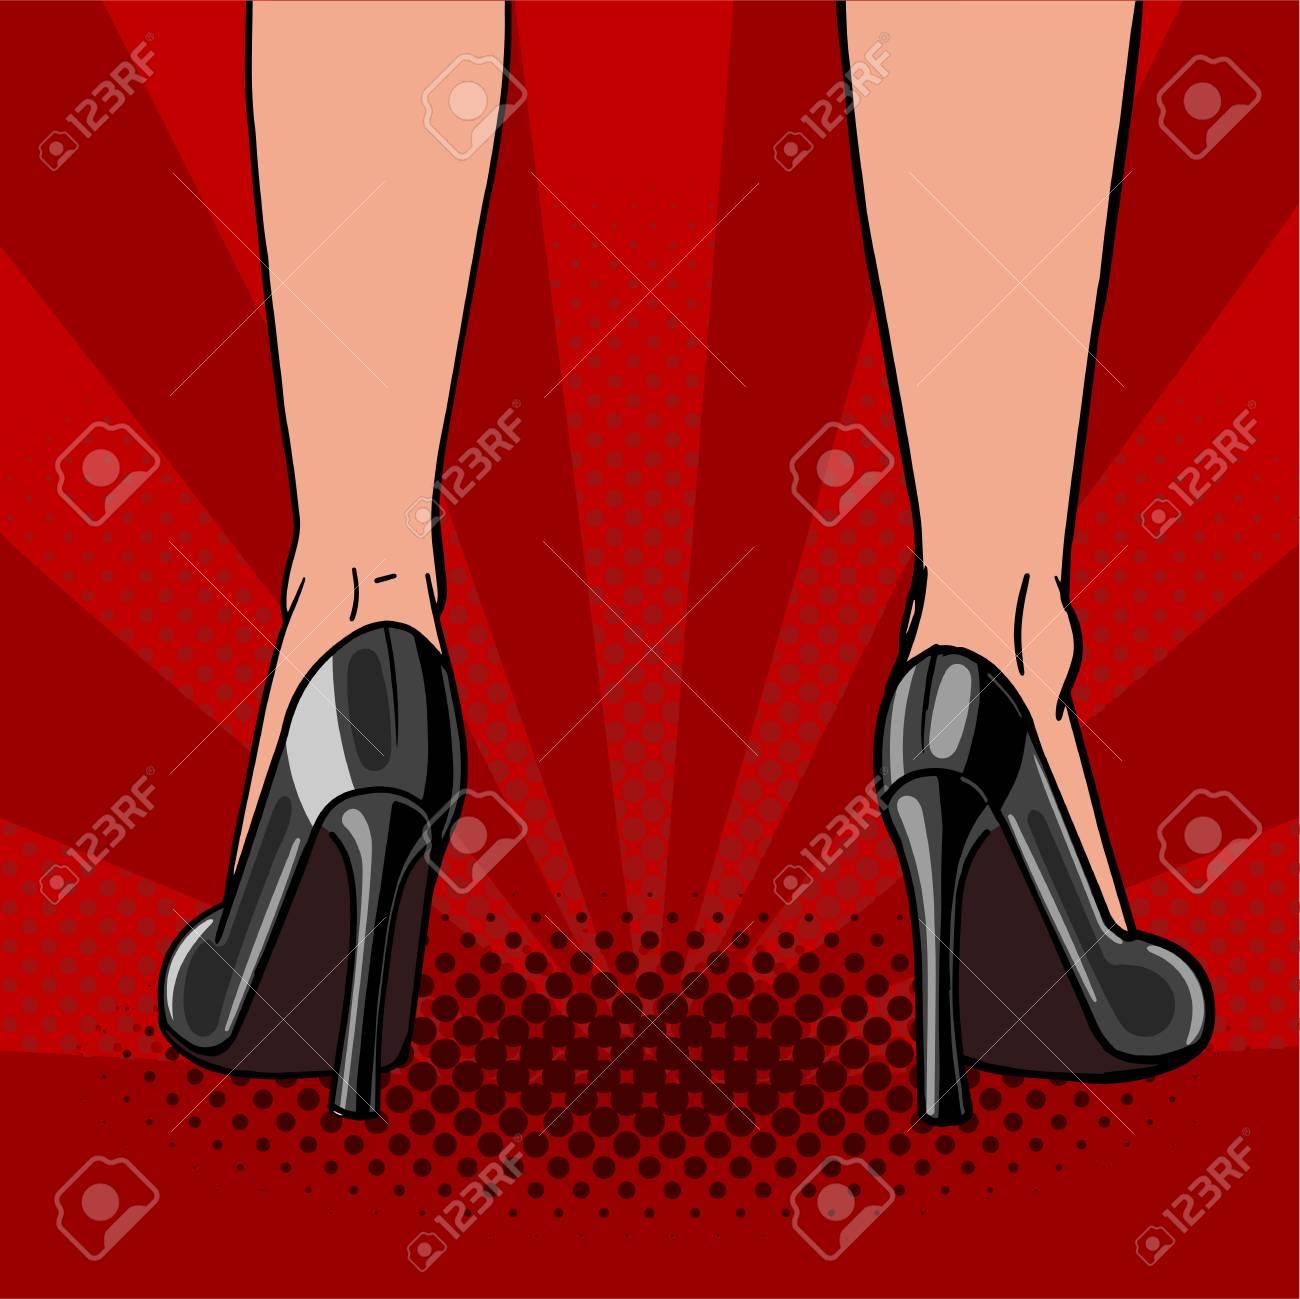 Arte Sobre Negros Hermosos Pies Femeninos AltosZapatos Un Fondo Pop Una Vector En Tacones Mujer BailandoIlustración Rojo De UpVLqzMGS